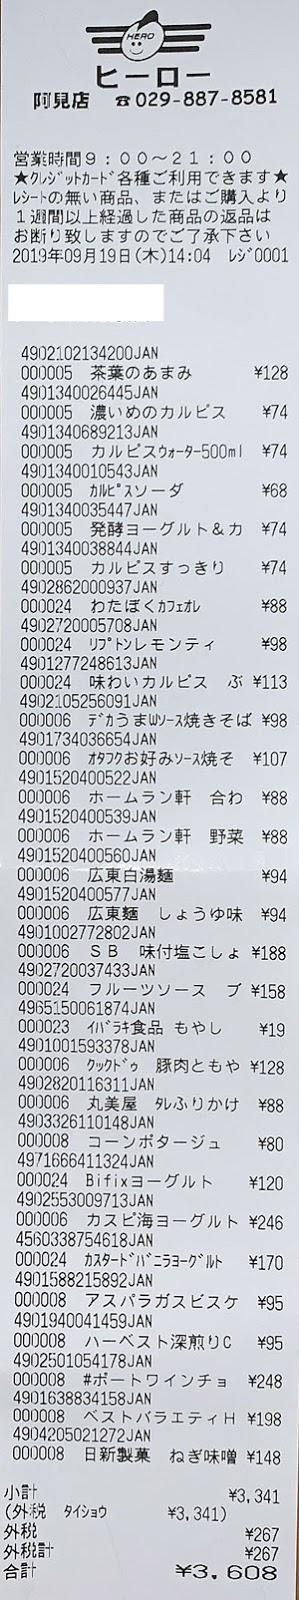 ヒーロー 阿見店 2019/9/19 のレシート